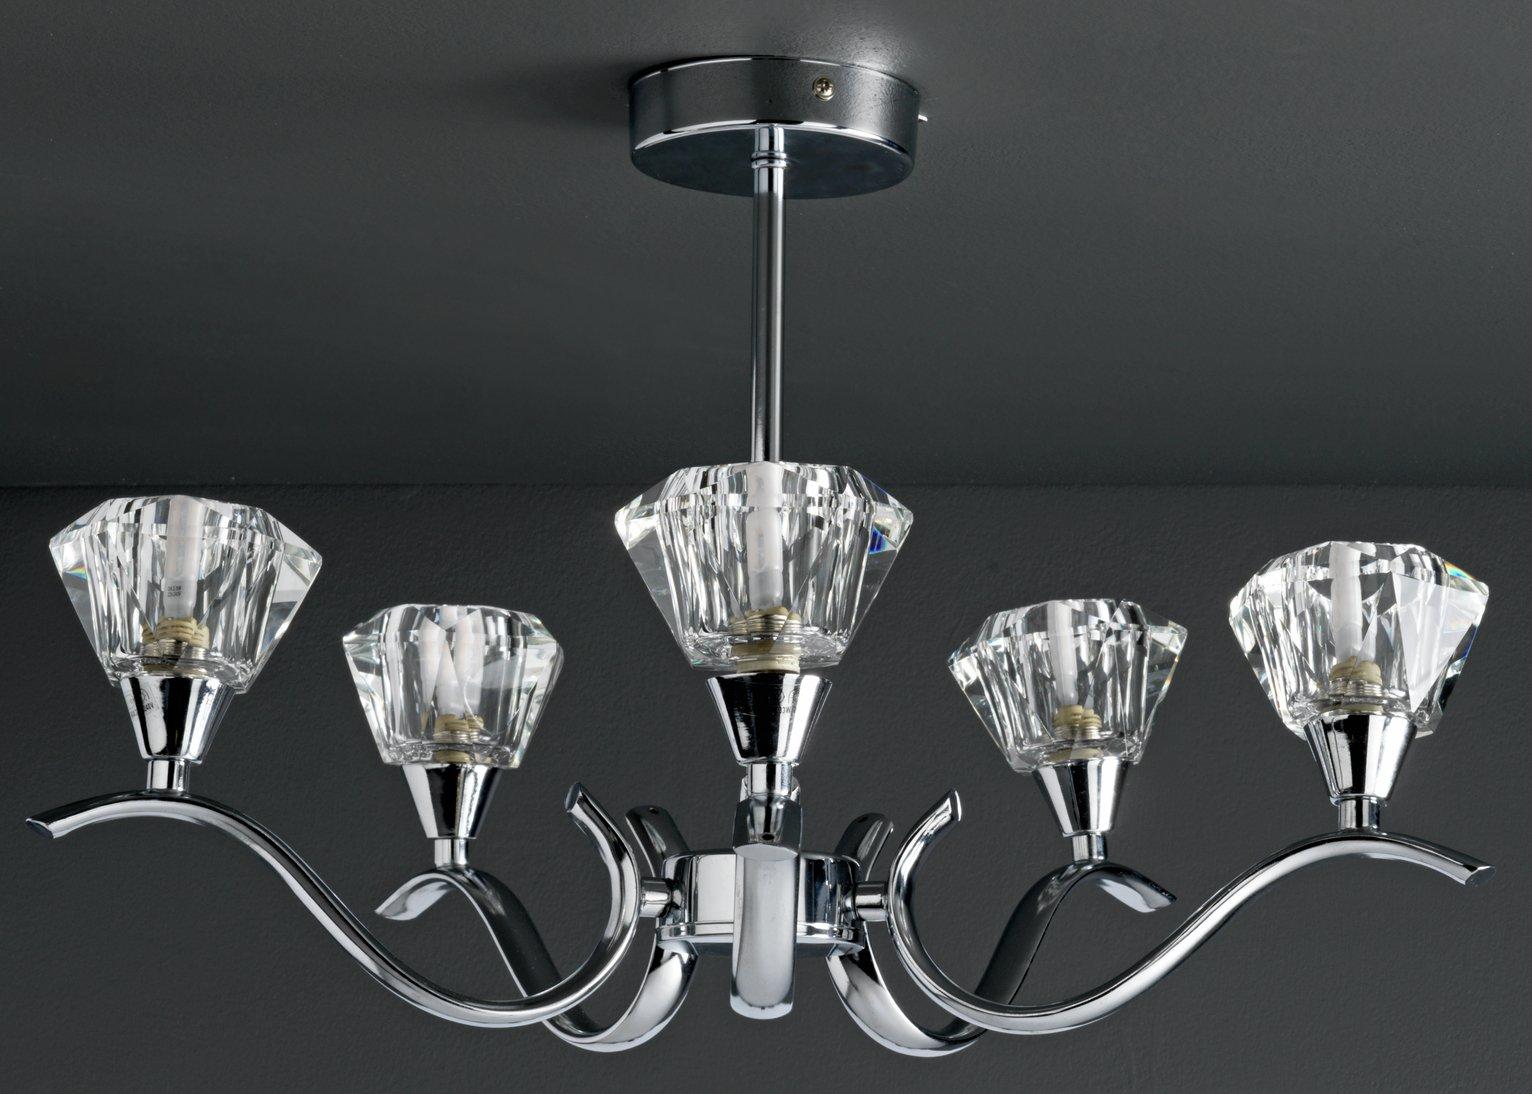 Argos Home Hadley 5 Light Glass Ceiling Shade - Chrome